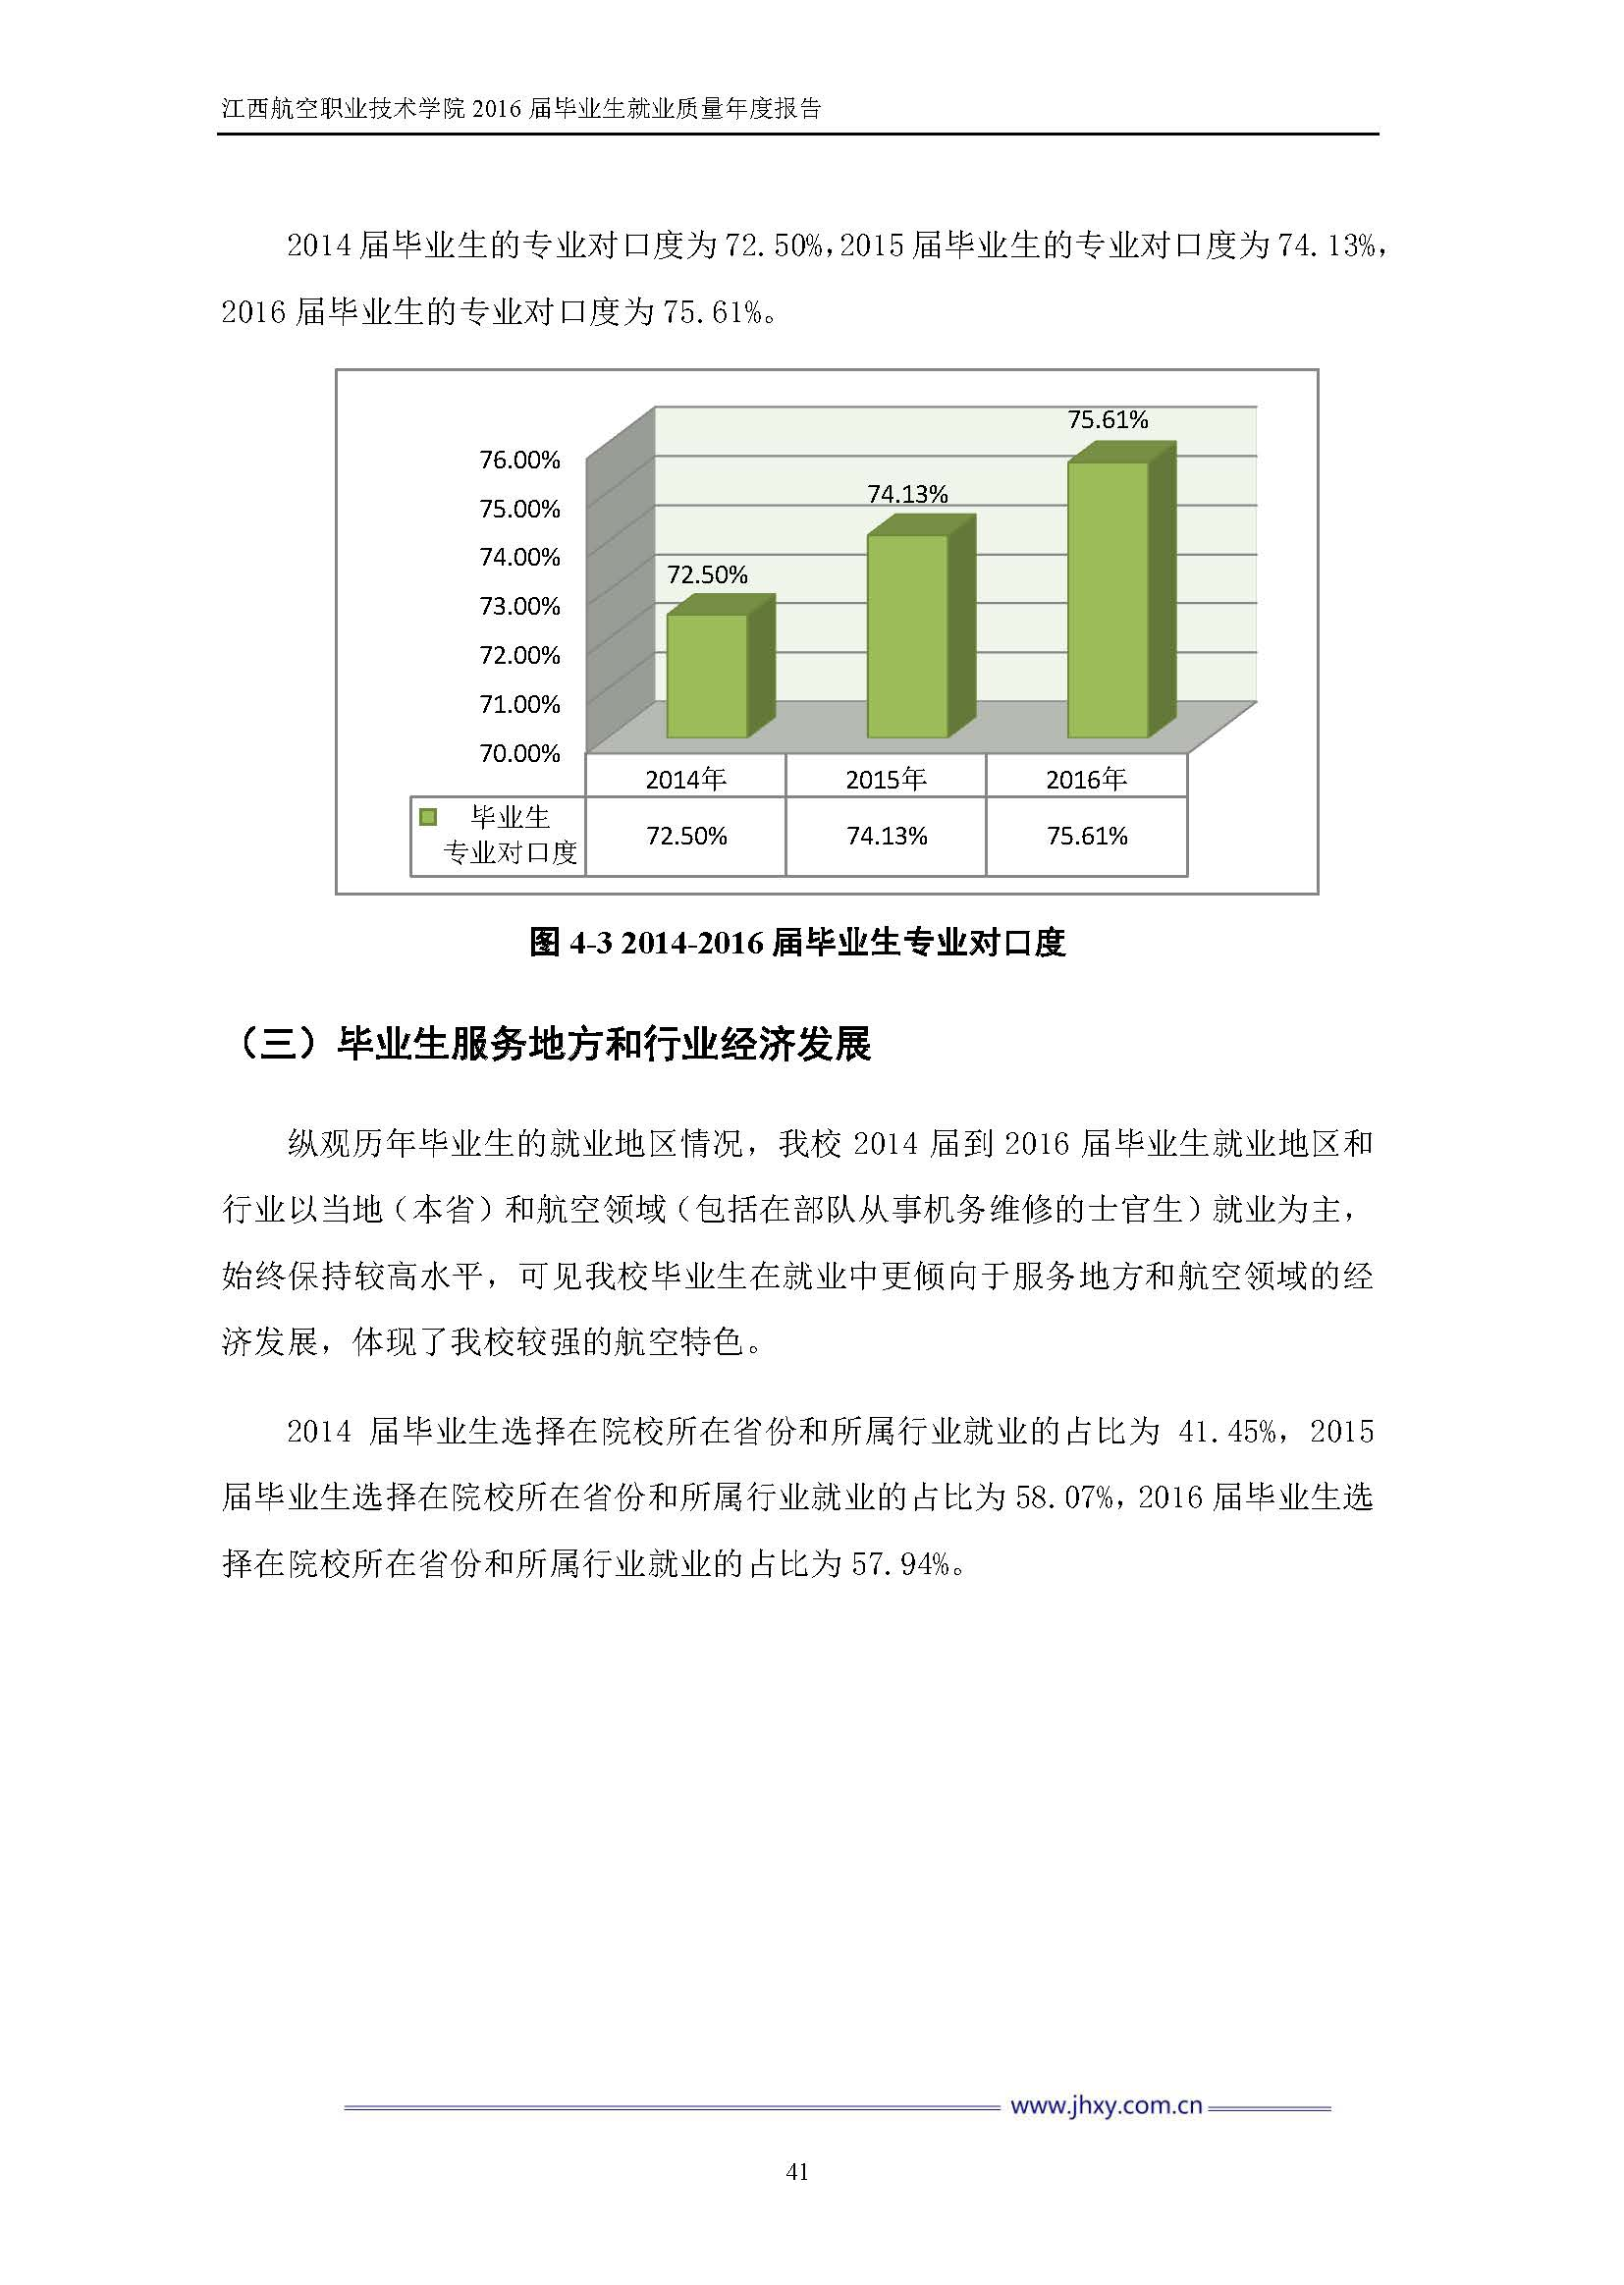 江西航空职业技术学院2016届毕业生就业质量年度报告_Page_48.jpg